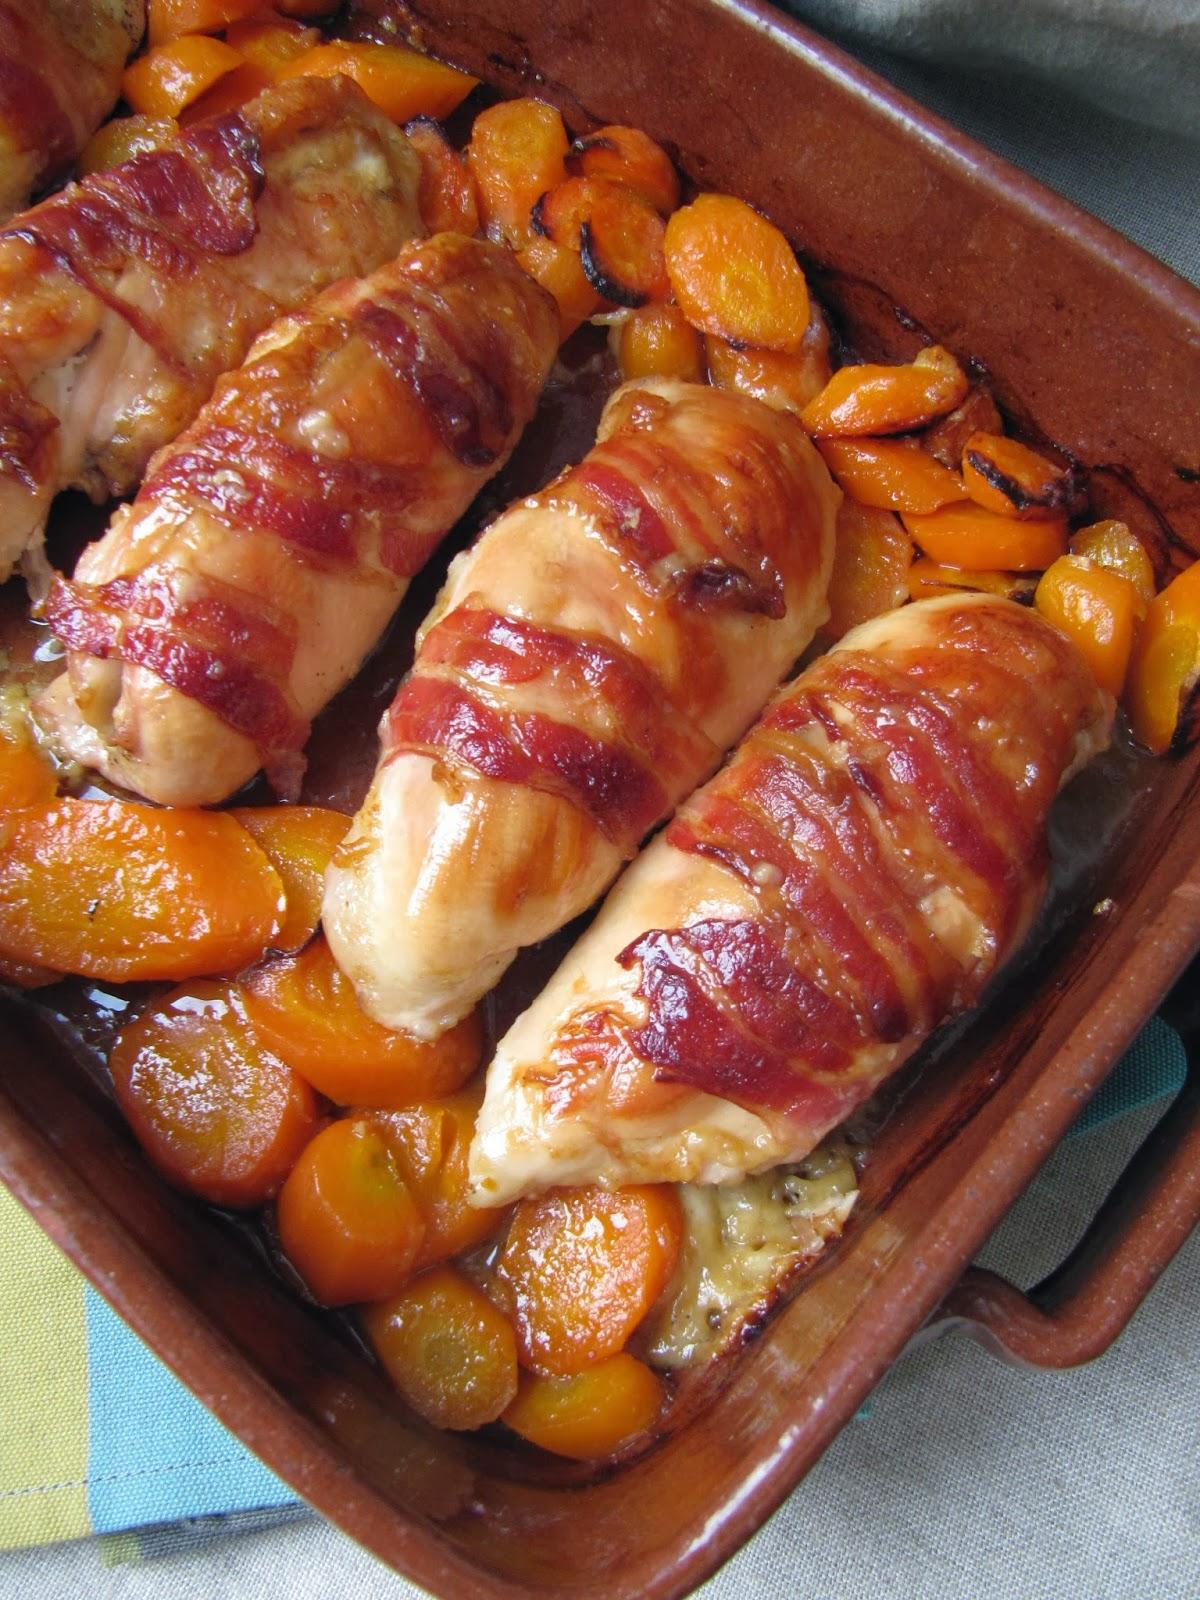 Gratin de pommes de terre au poulet facile : découvrez les